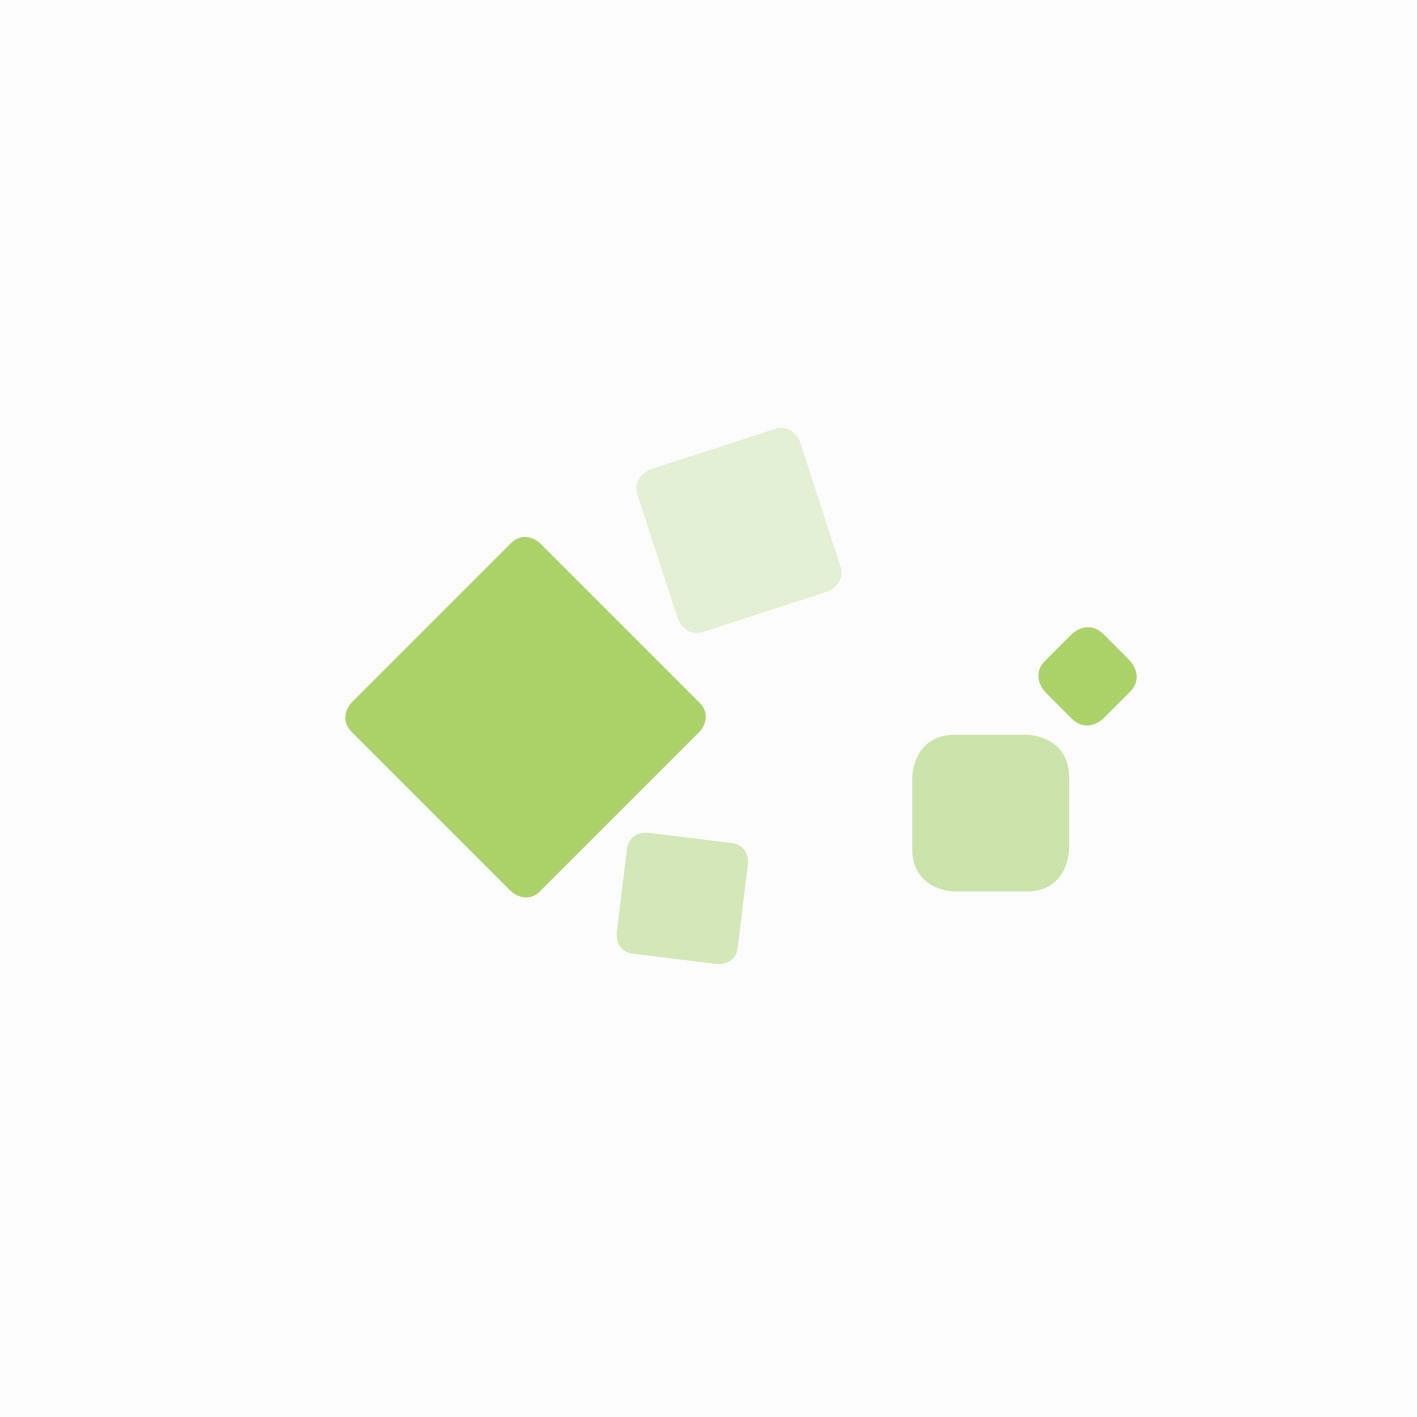 Logo_Wuerfelchen_gruen